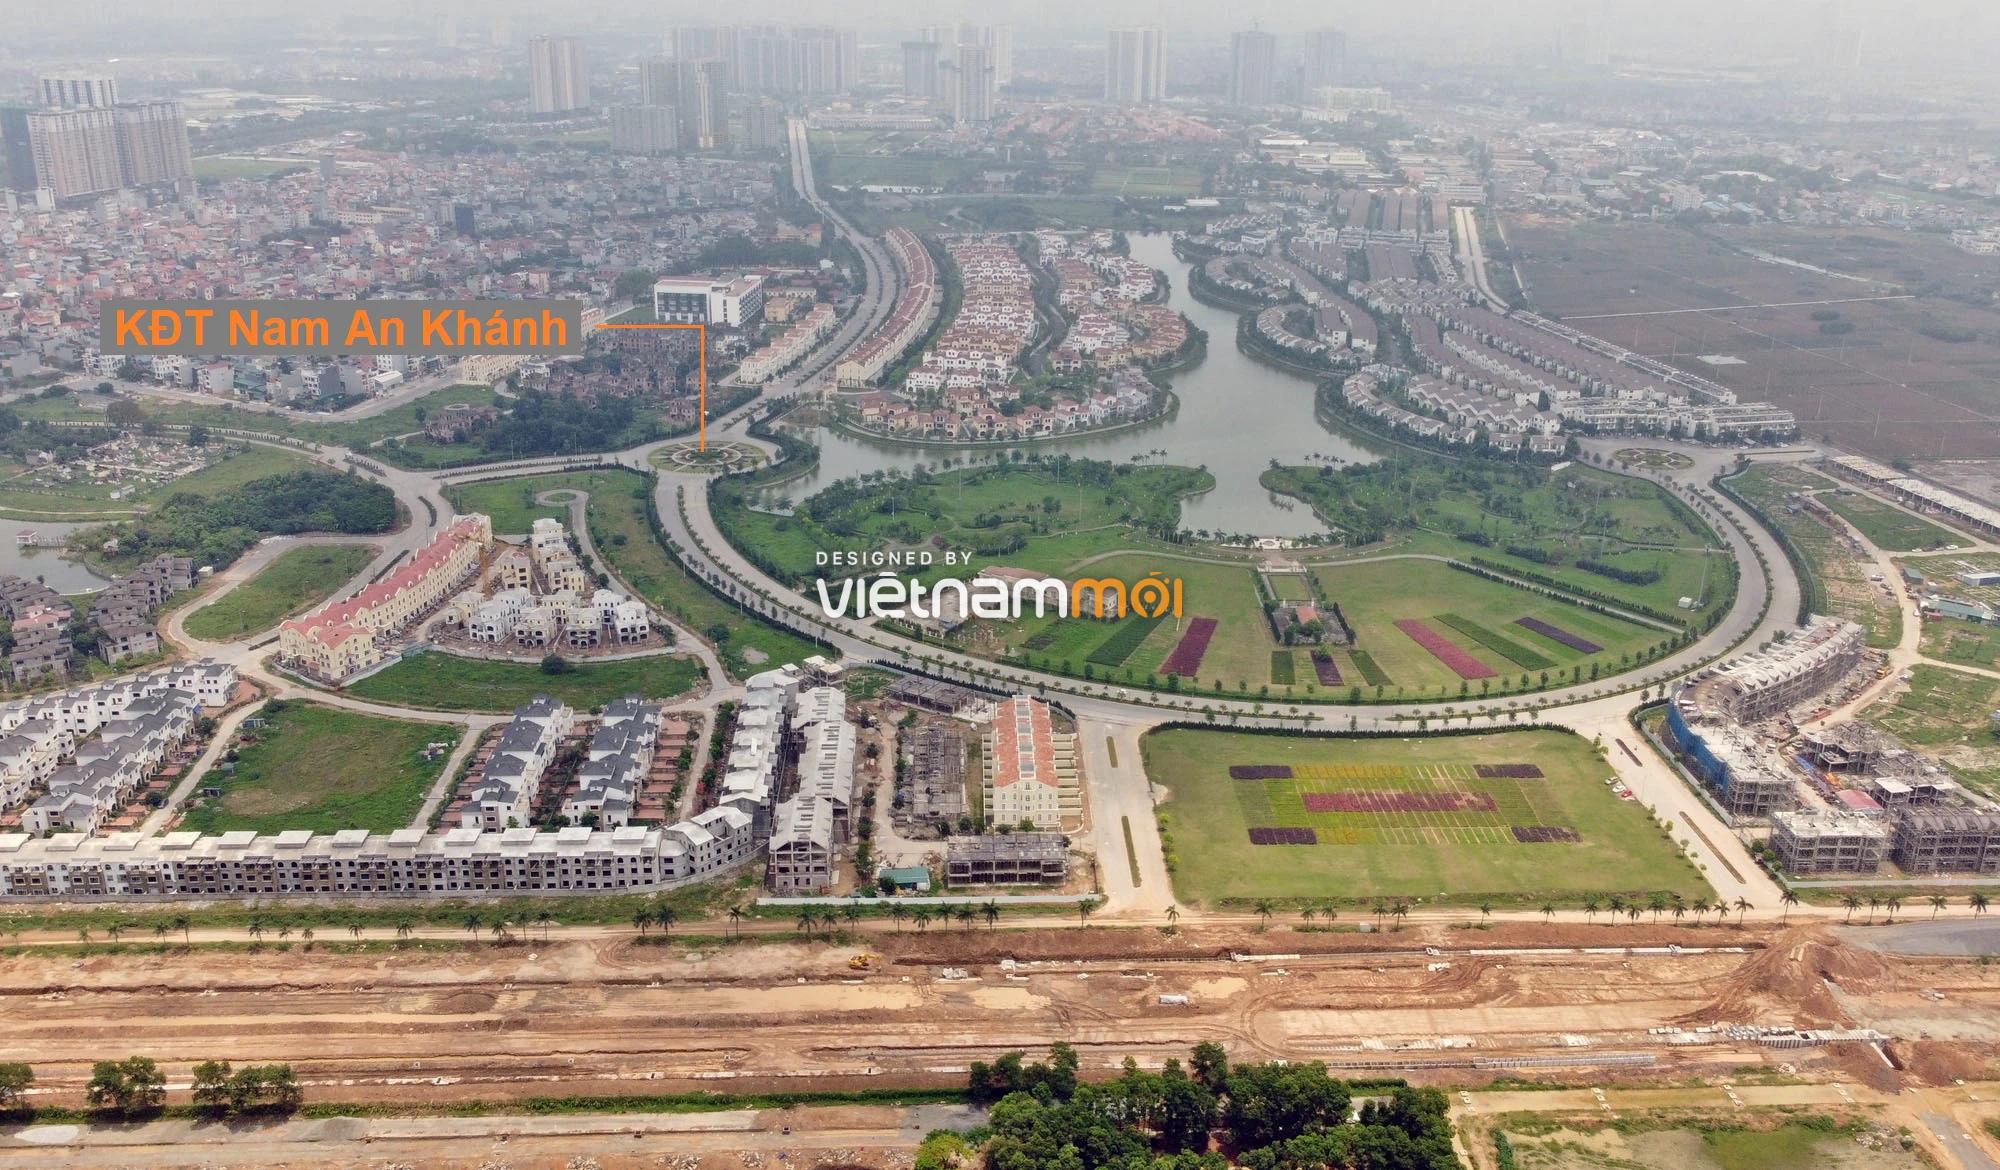 Toàn cảnh đường nối Đại lộ Thăng Long - tỉnh lộ 423 qua KĐT Nam An Khánh đang mở theo quy hoạch ở Hà Nội - Ảnh 17.